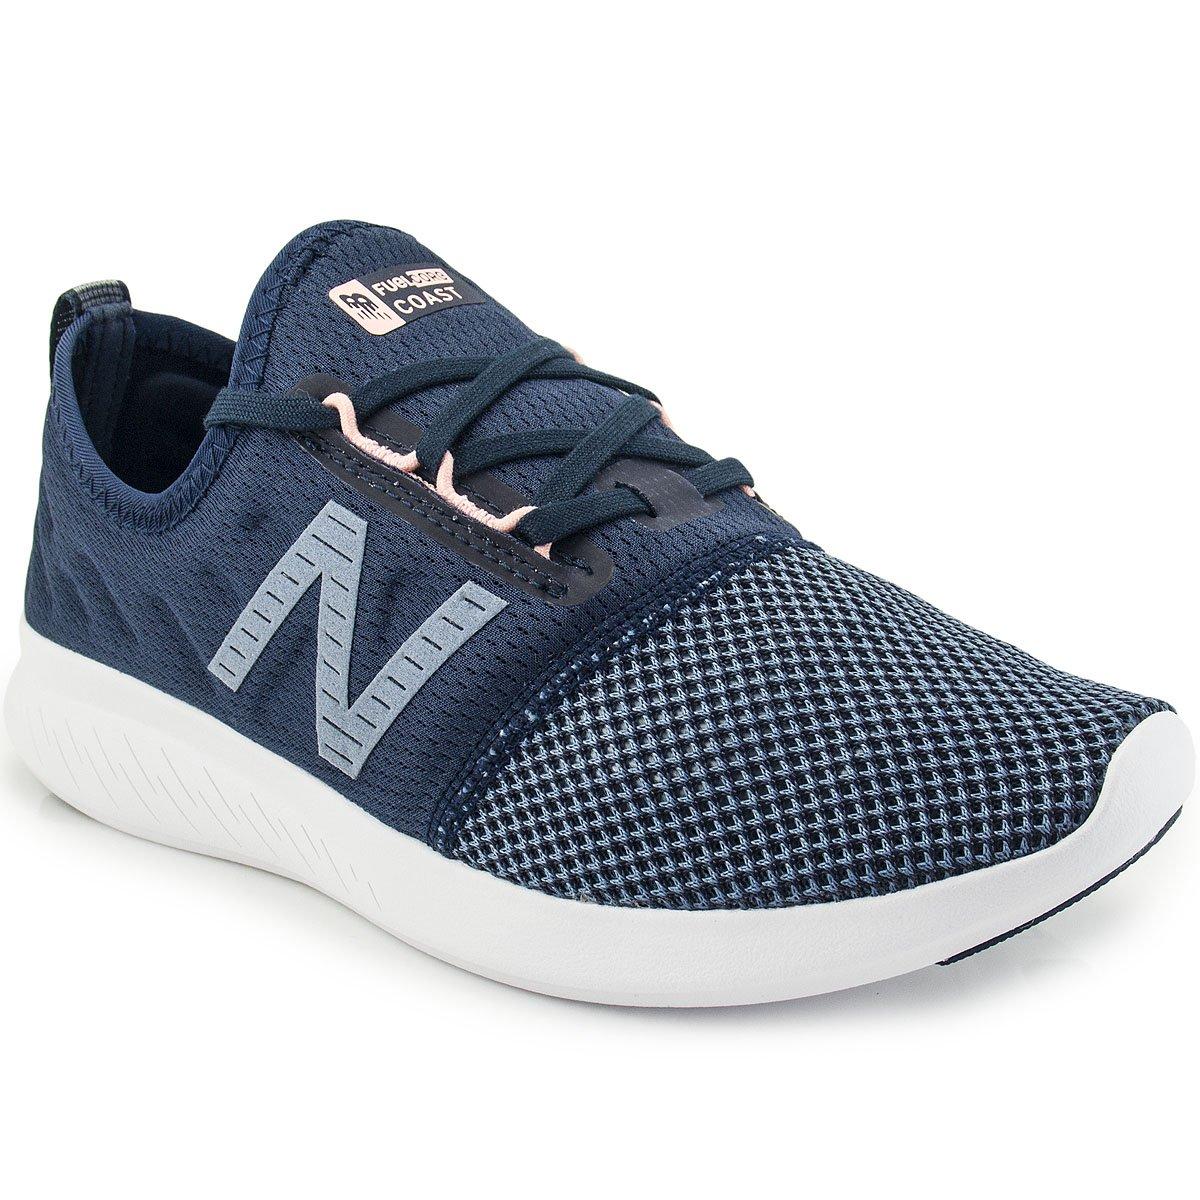 6ecc32a294 Tênis New Balance Coast V4 Feminino